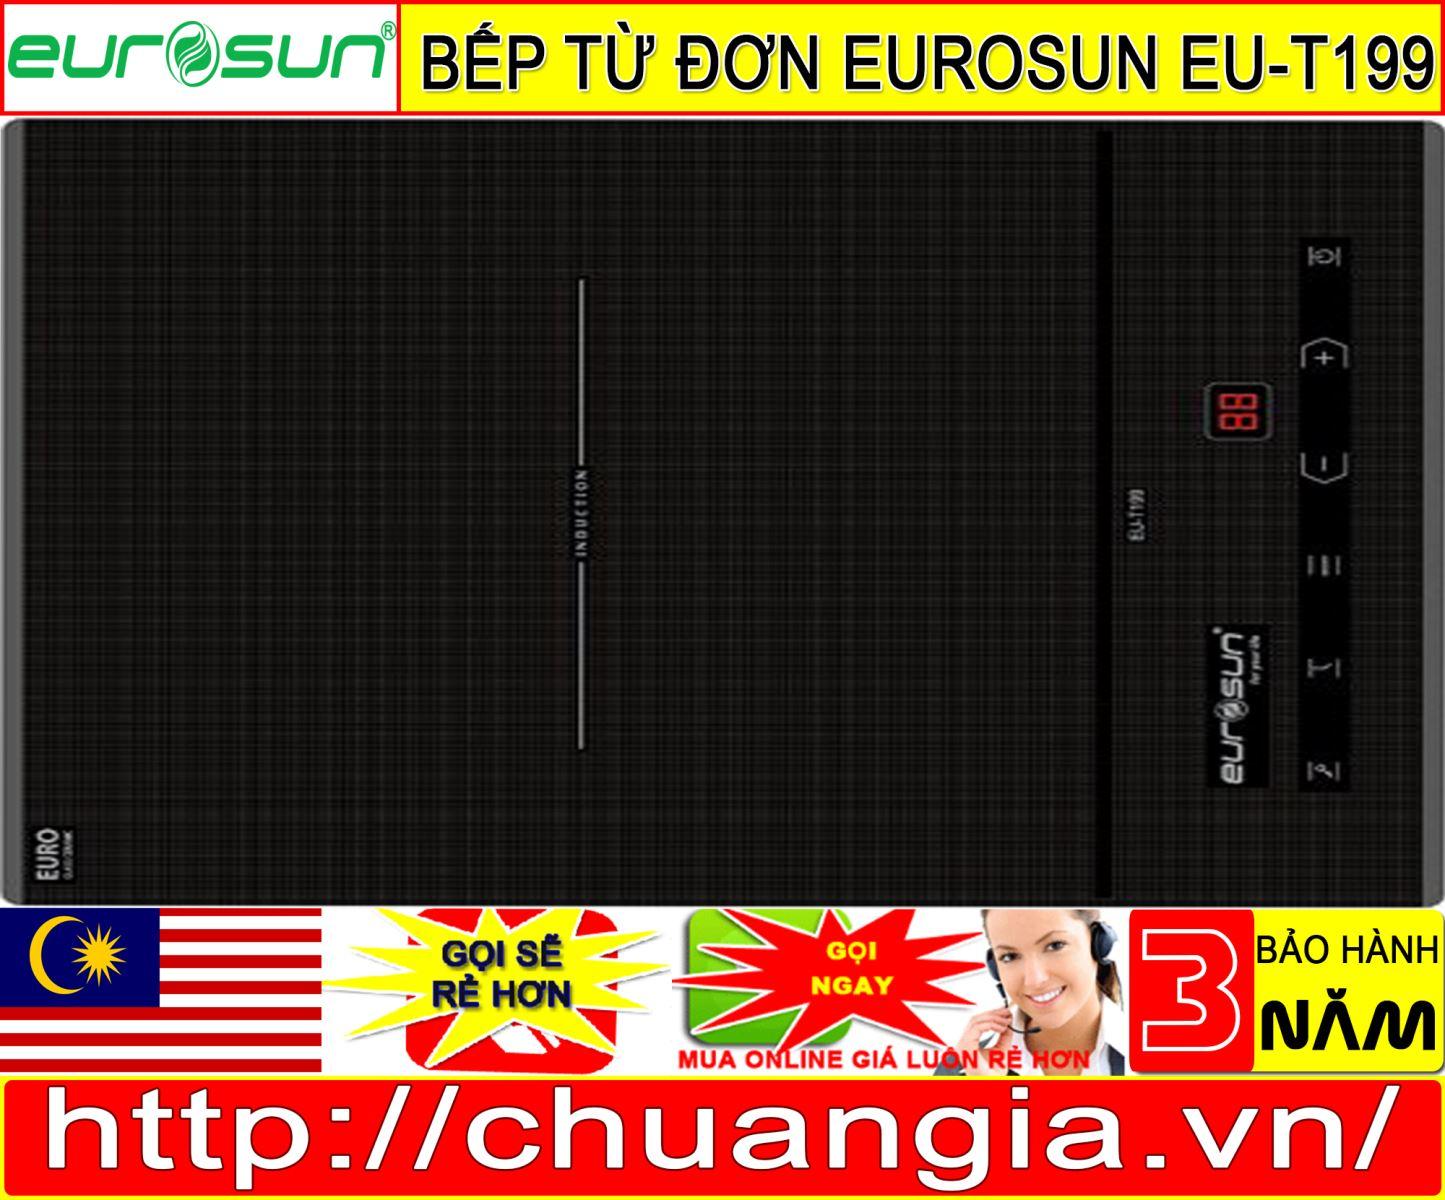 Bếp Từ Đơn Eurosun EU-T199 – Made In Malaysia – Chuẩn Giá